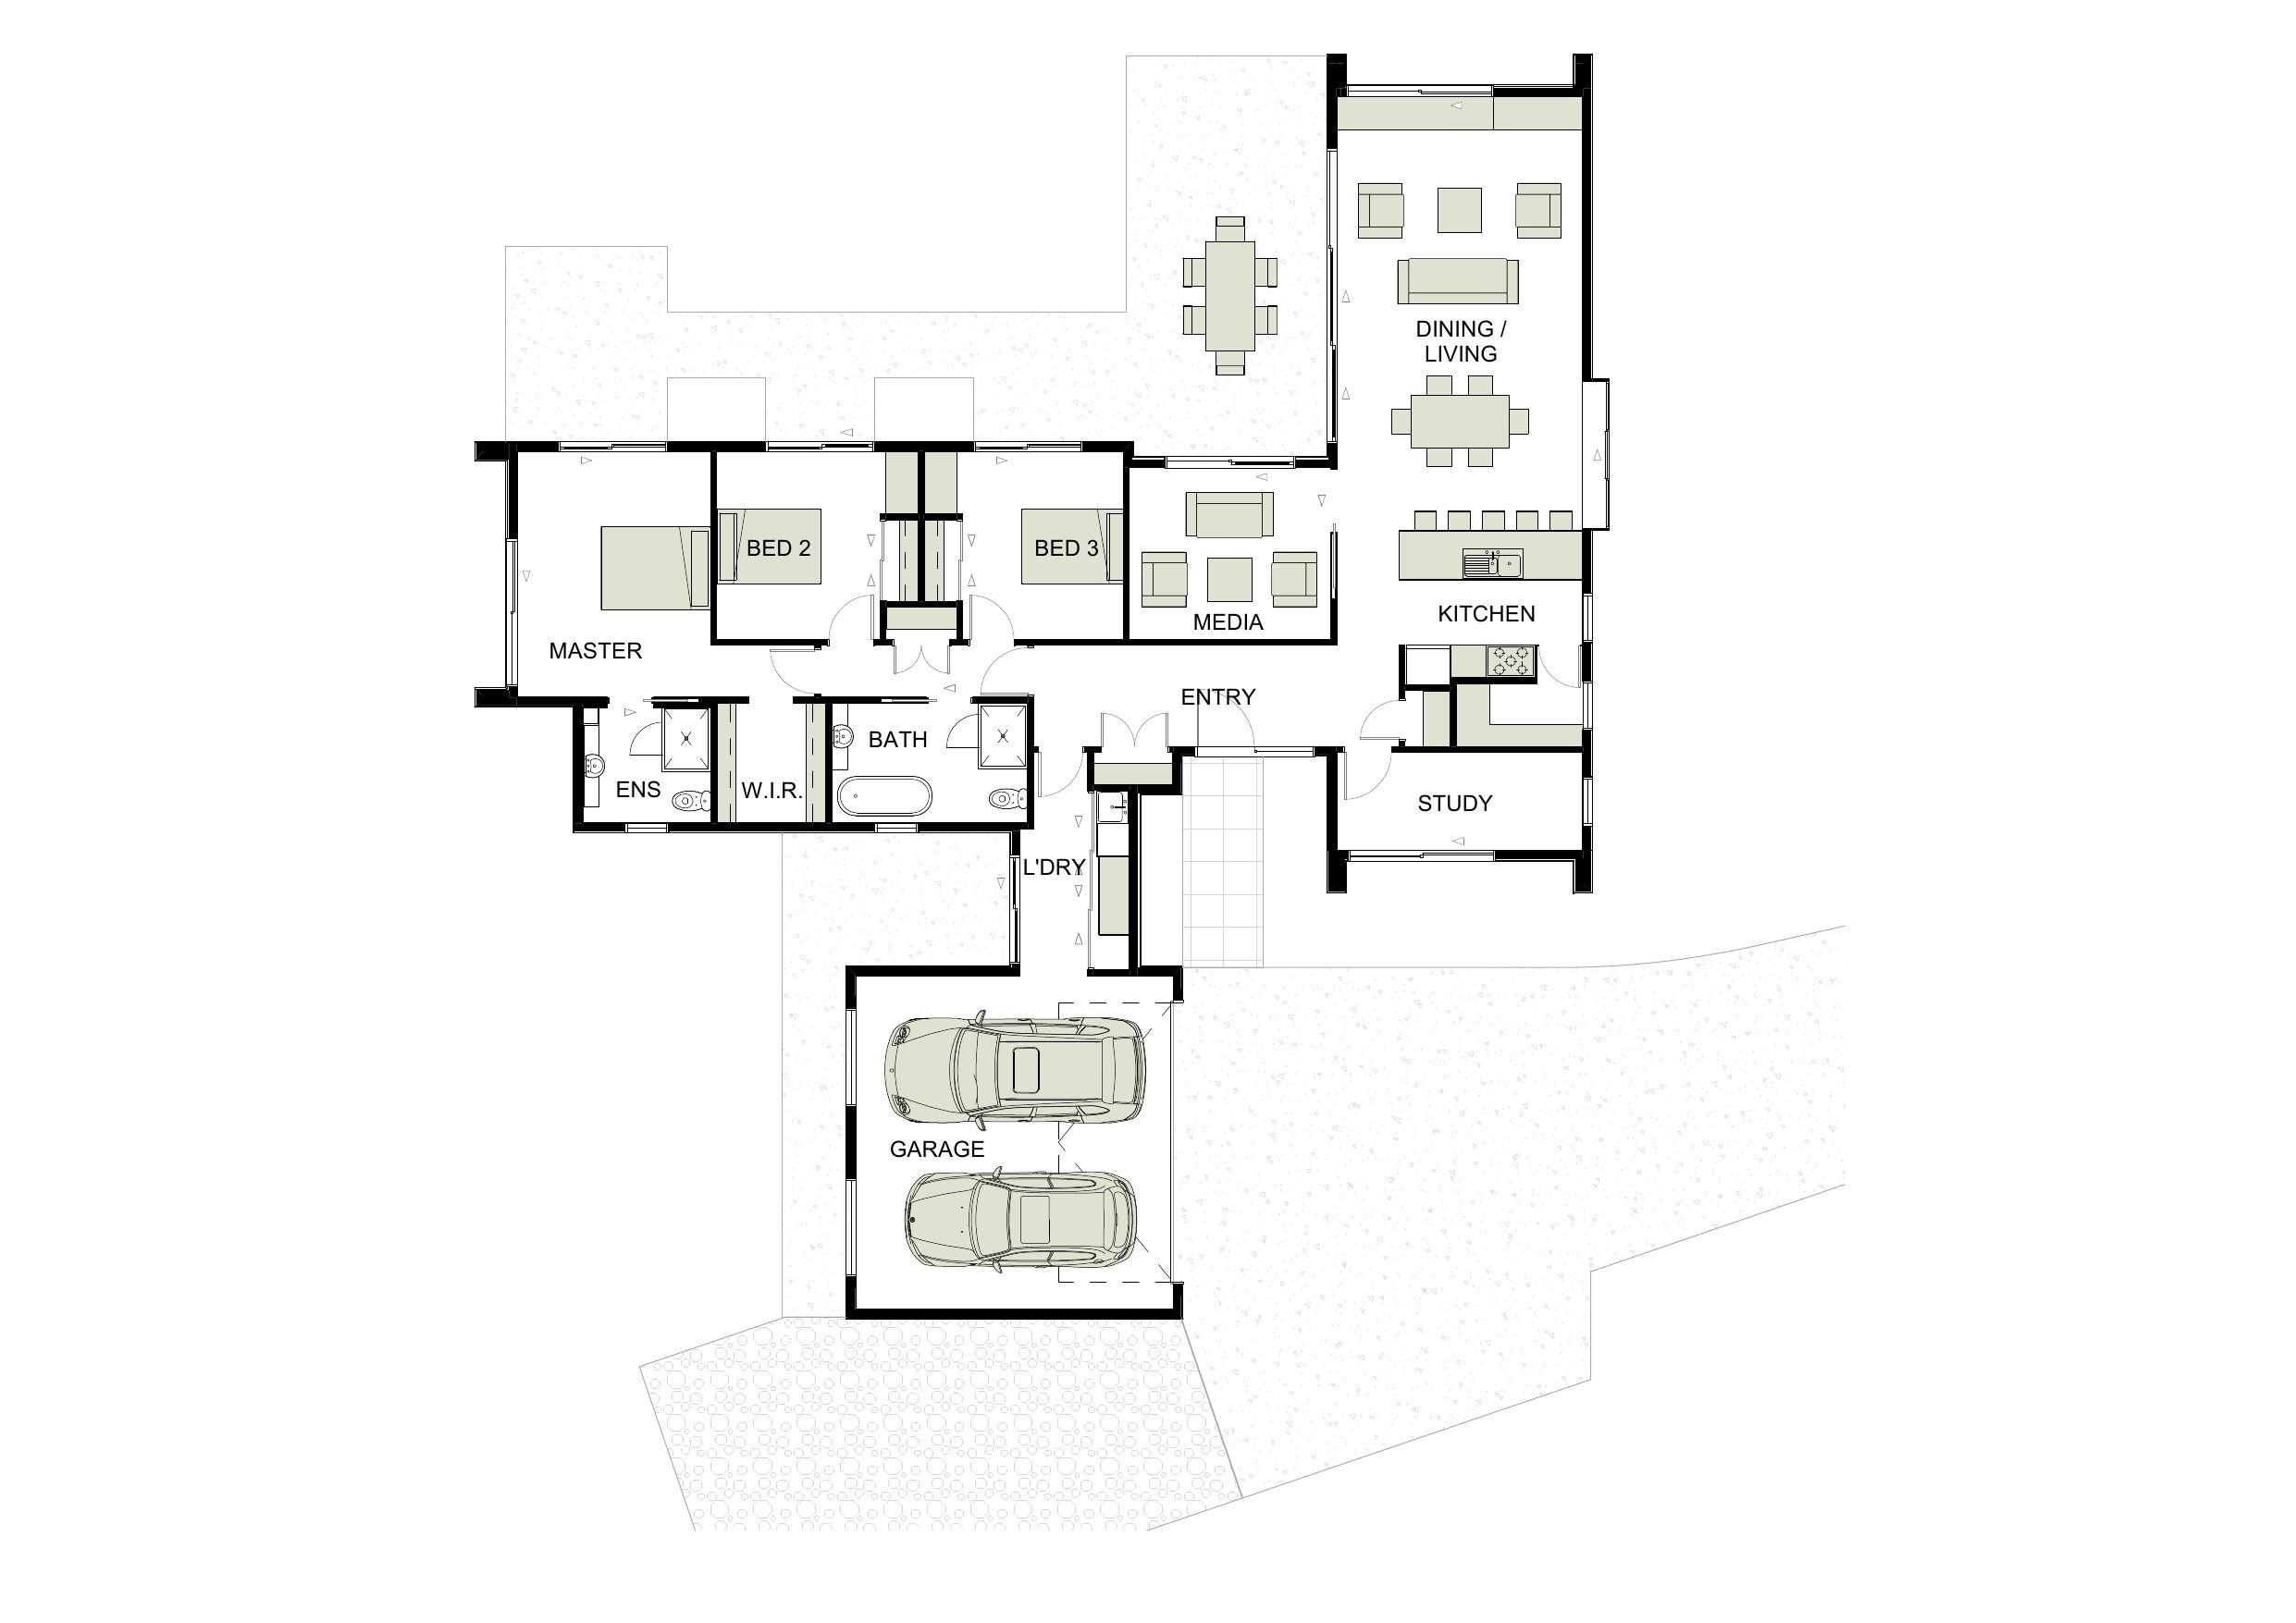 House plans pavilion style